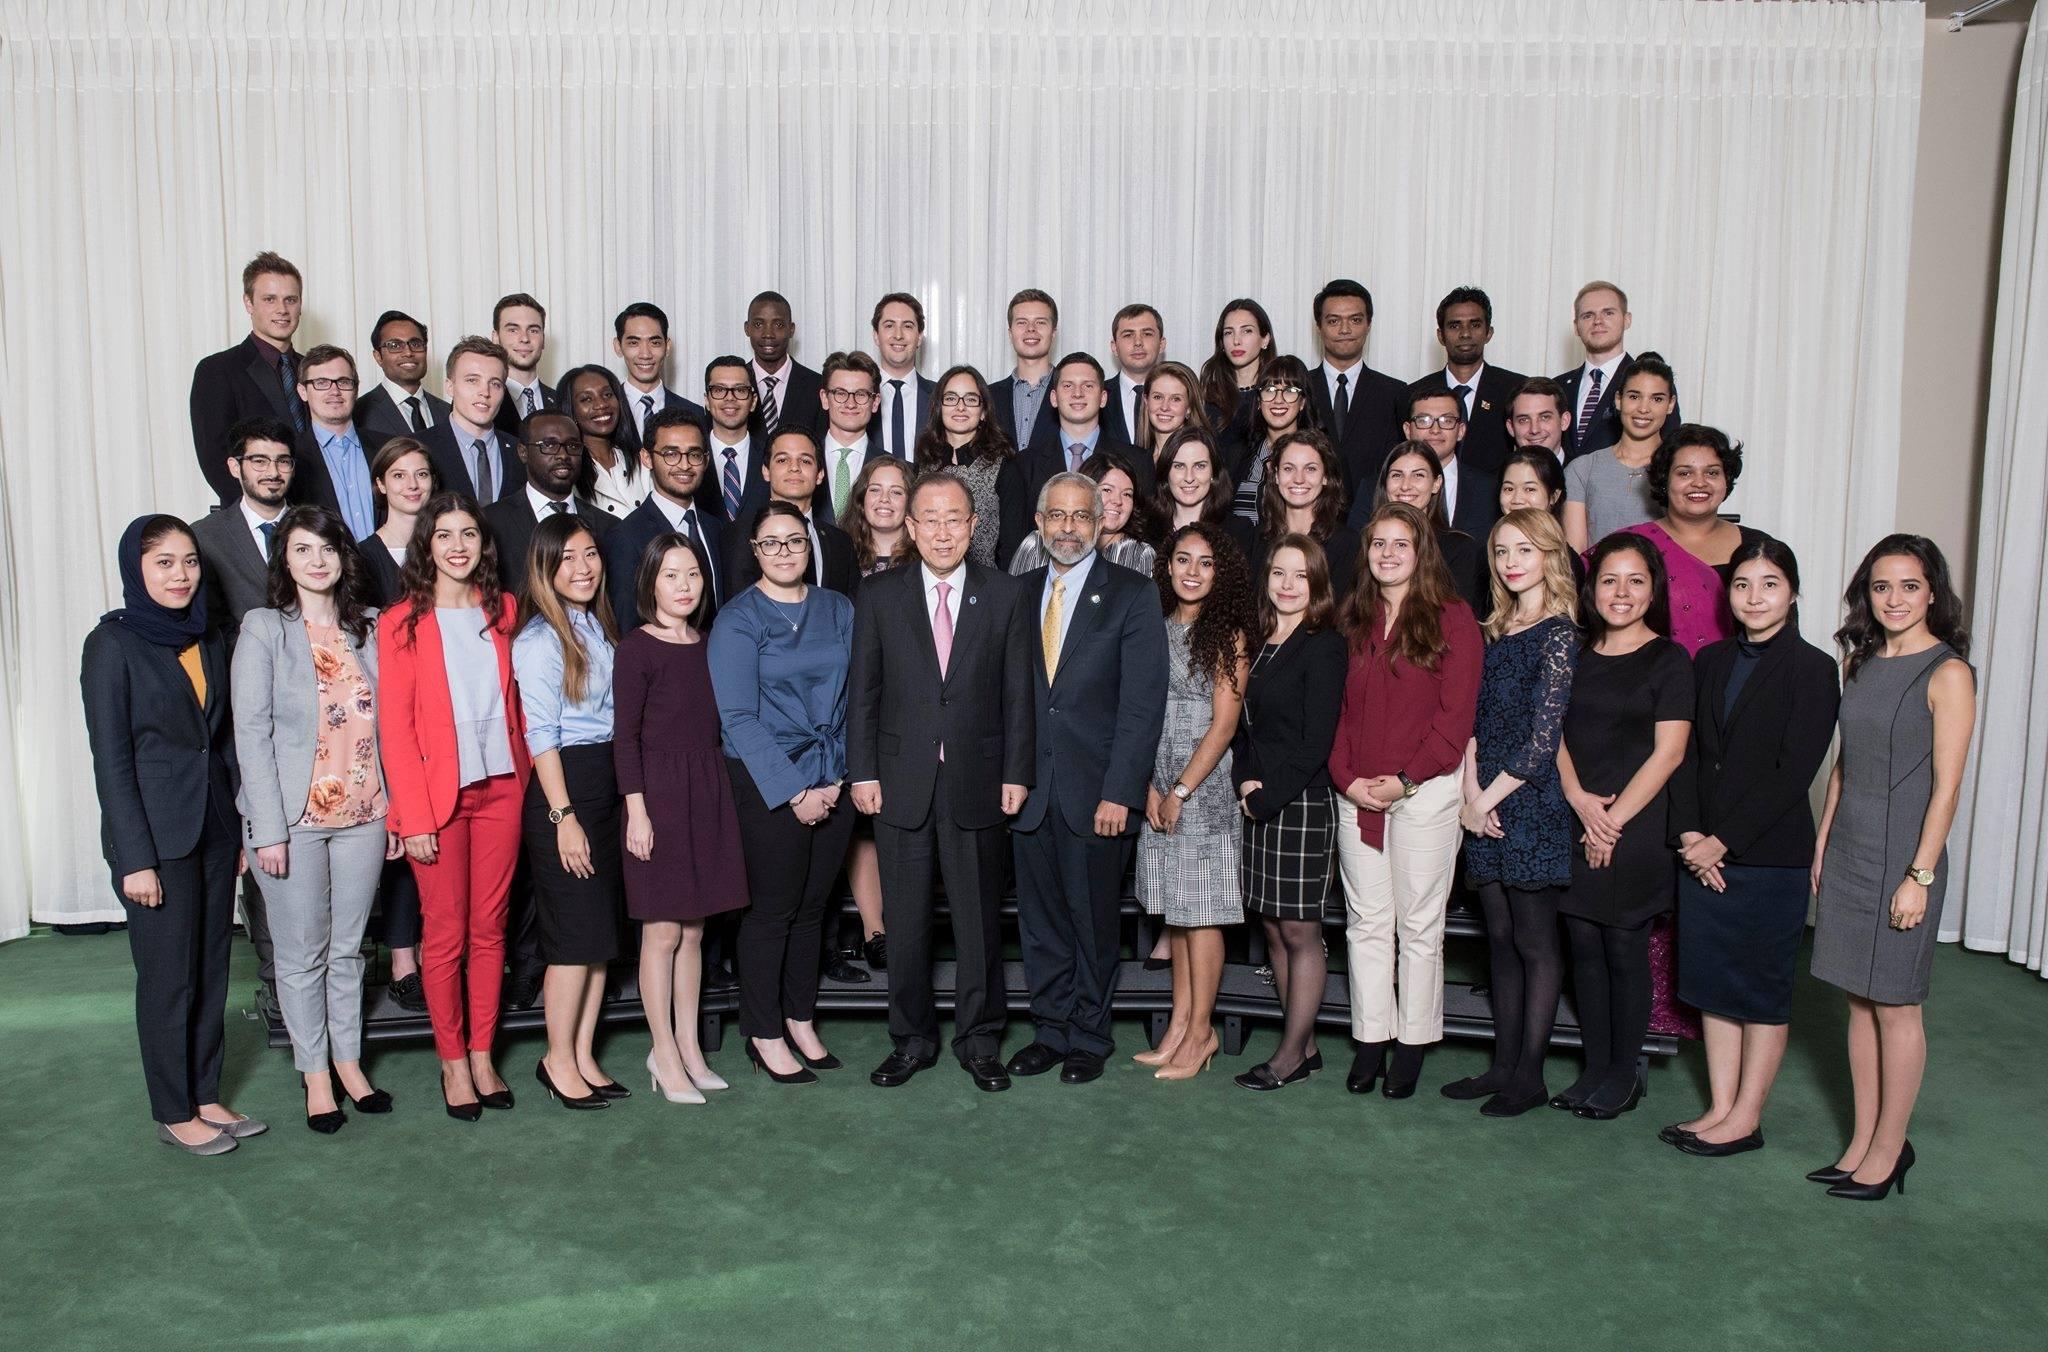 Cuatro jóvenes mexicanas participaron como delegadas juveniles en la 71° la Asamblea General de la Organización de las Naciones Unidas